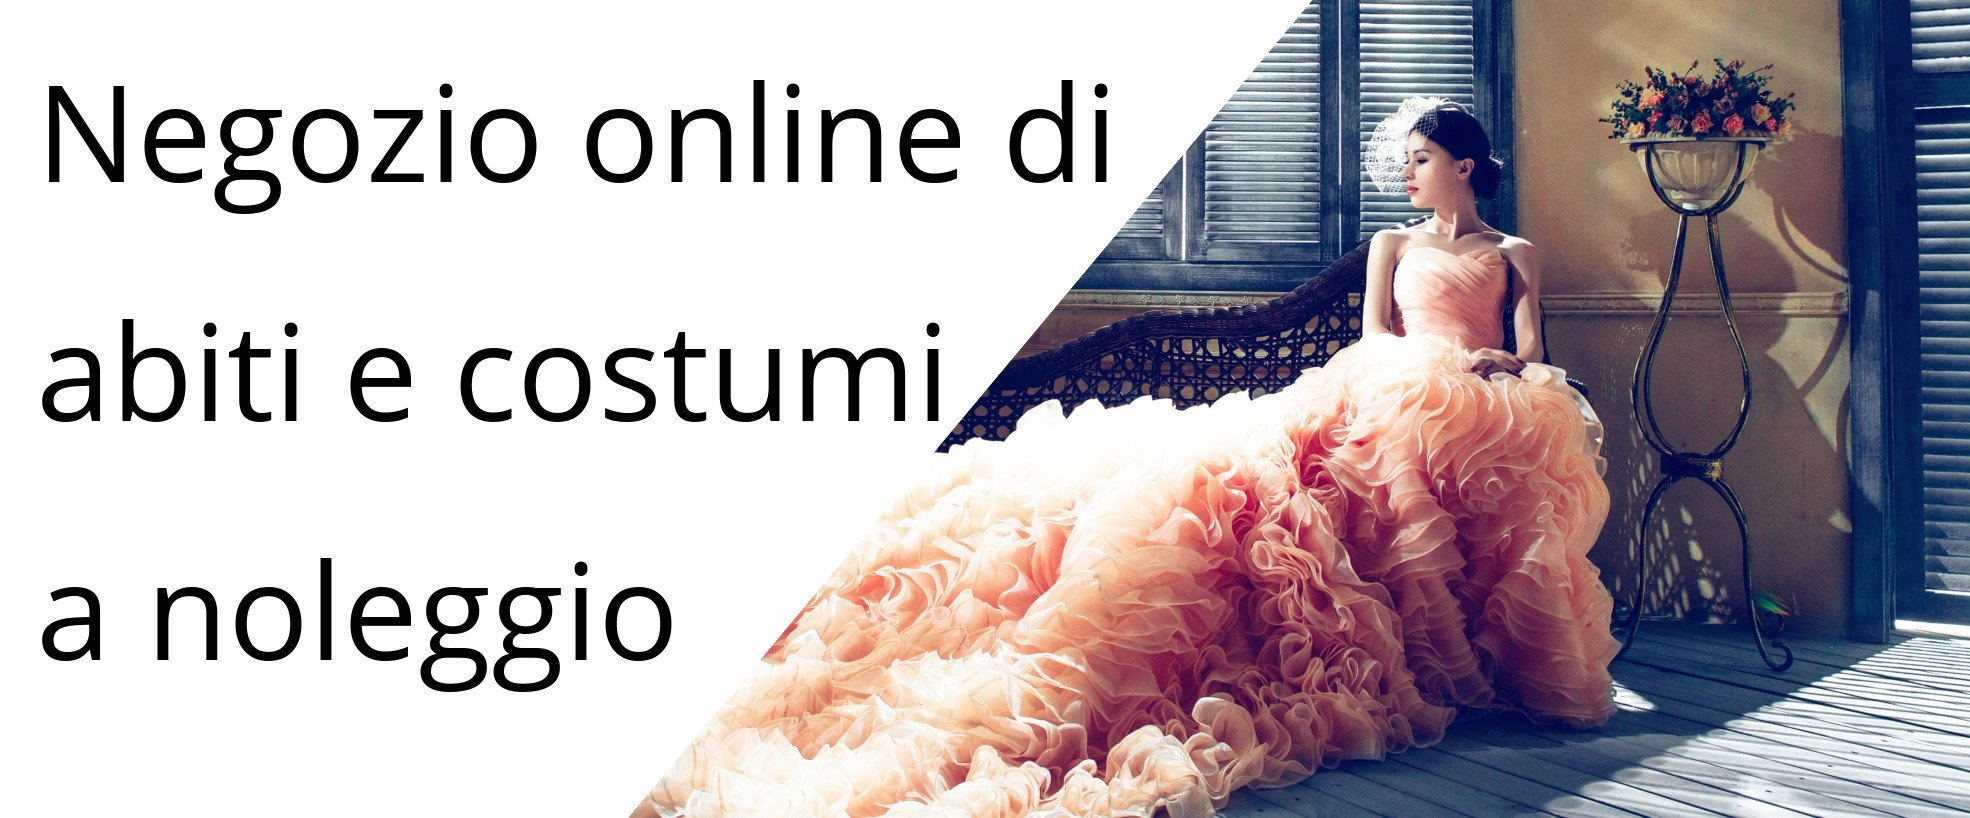 Falpalà Noleggio costumi online